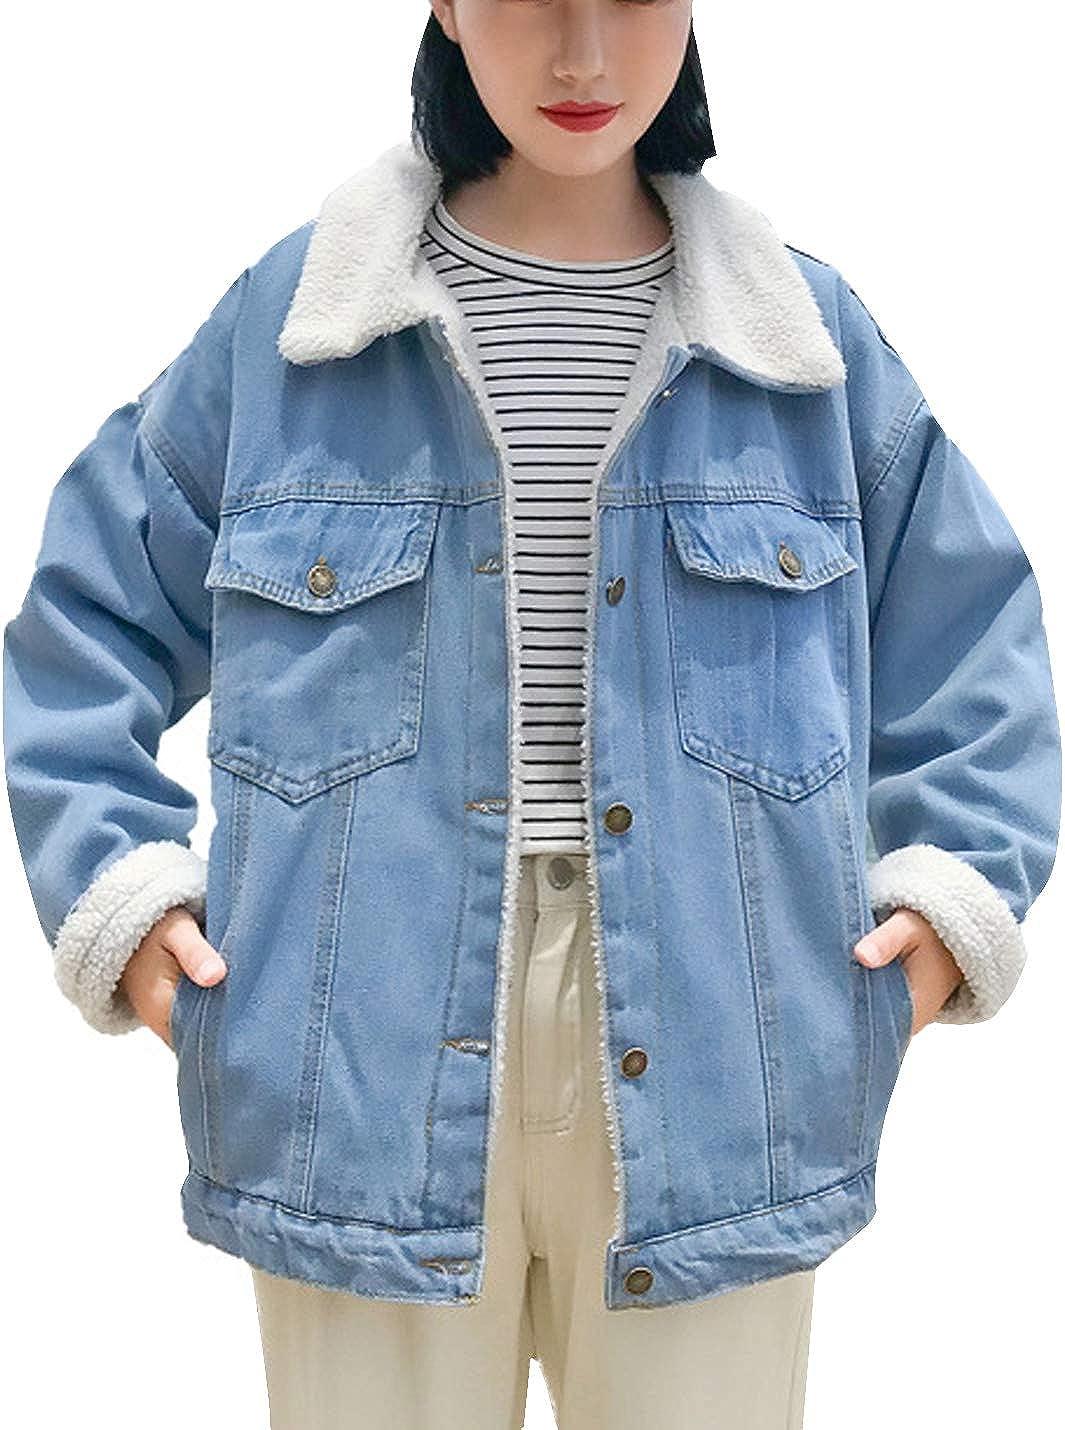 Gihuo Women's Warm Sherpa Fleece Lined Jacket Oversized Thick Denim Trucker Jacket